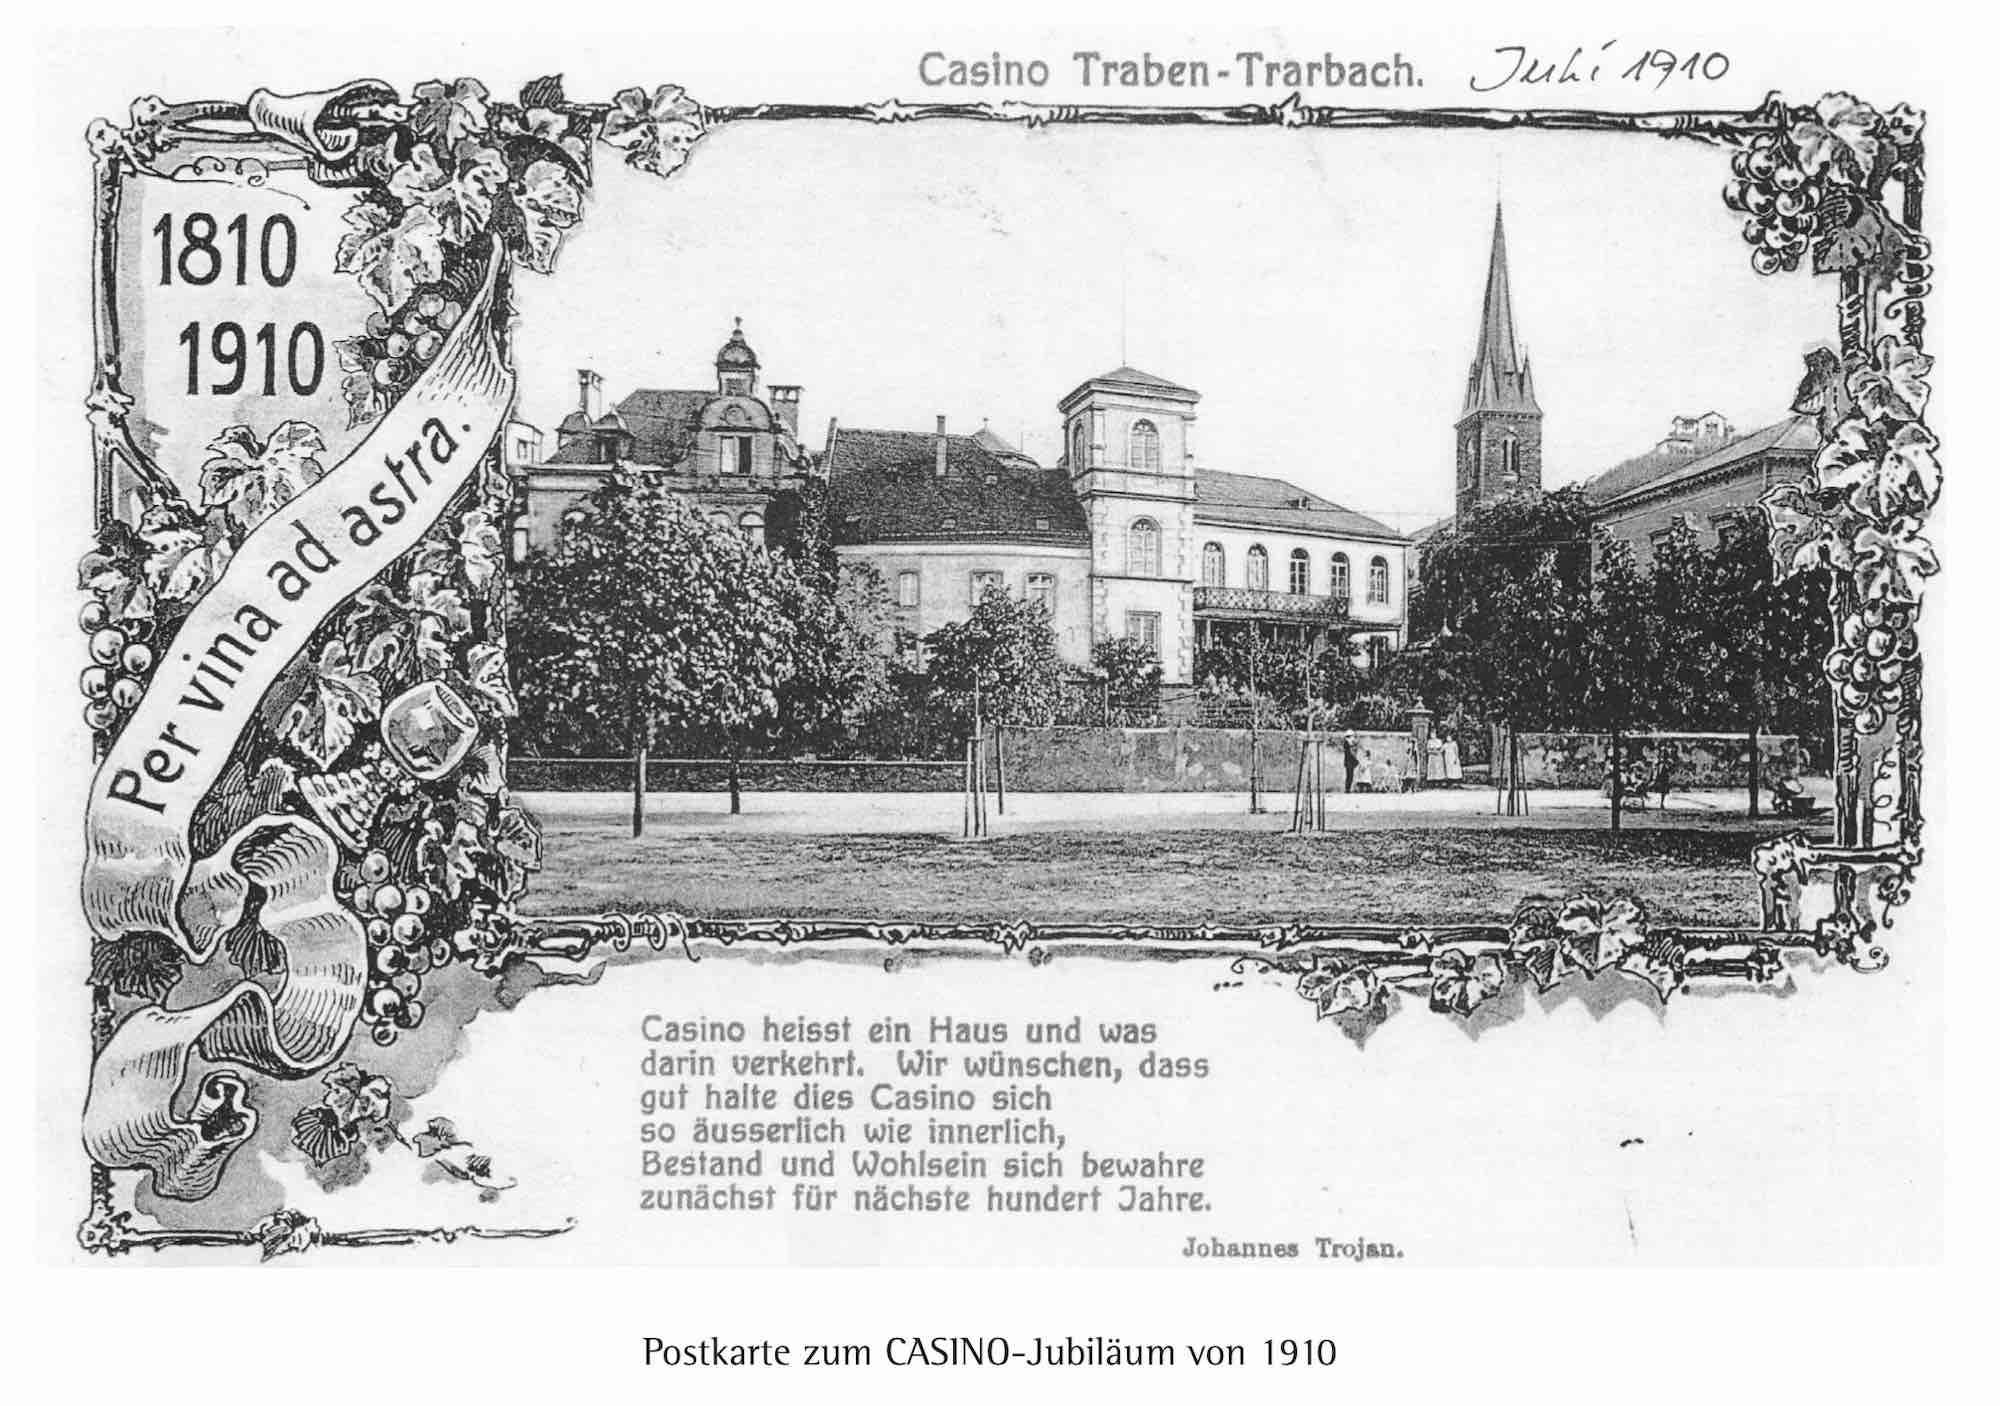 Postkarte um 1910 mit Ansicht des Casinos am Trarbacher Ufer